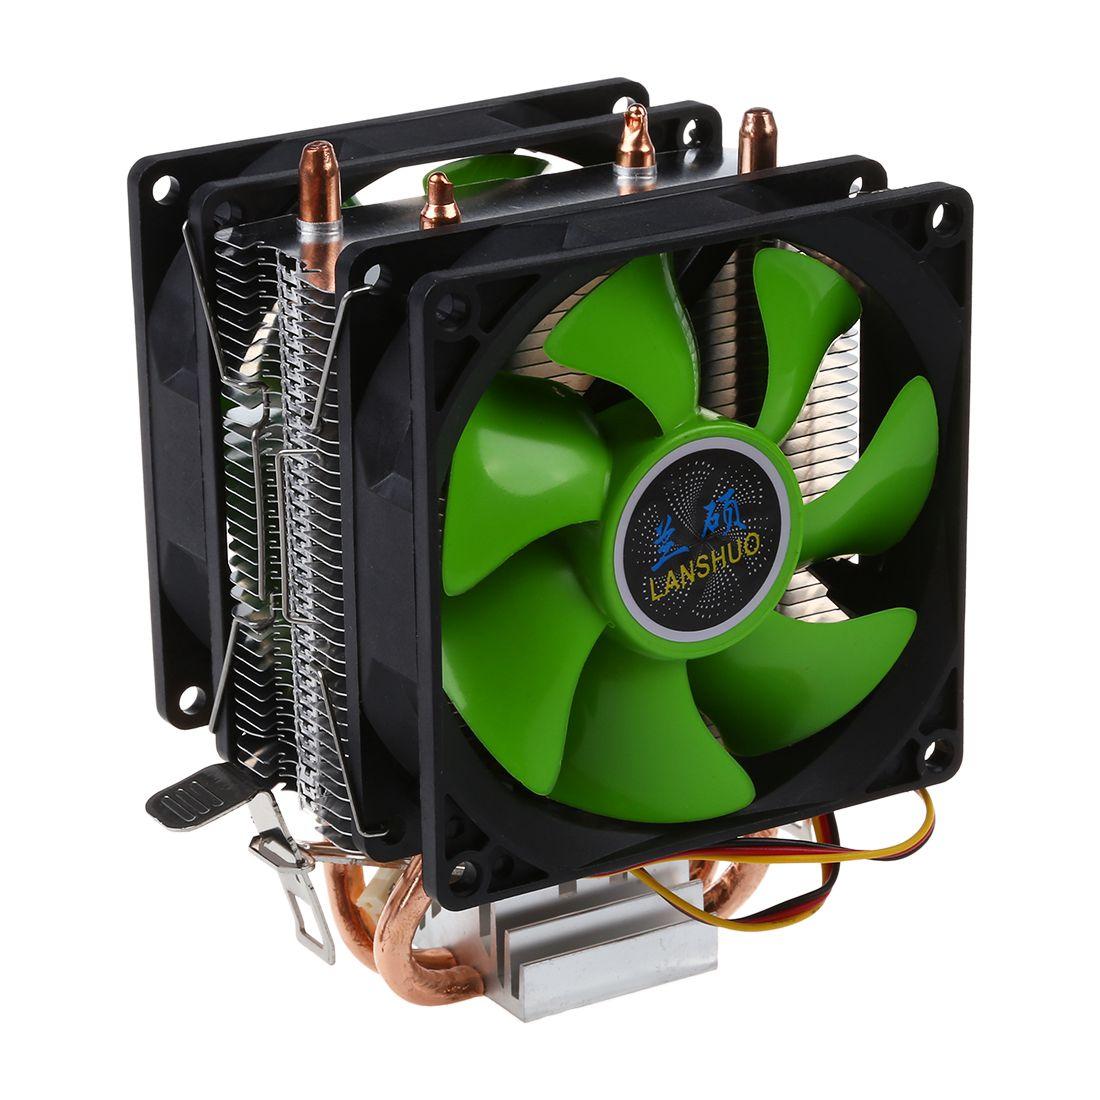 CPU cooler Silencieux Fan Pour Intel LGA775/1156/1155 AMD AM2/AM2 +/AM3